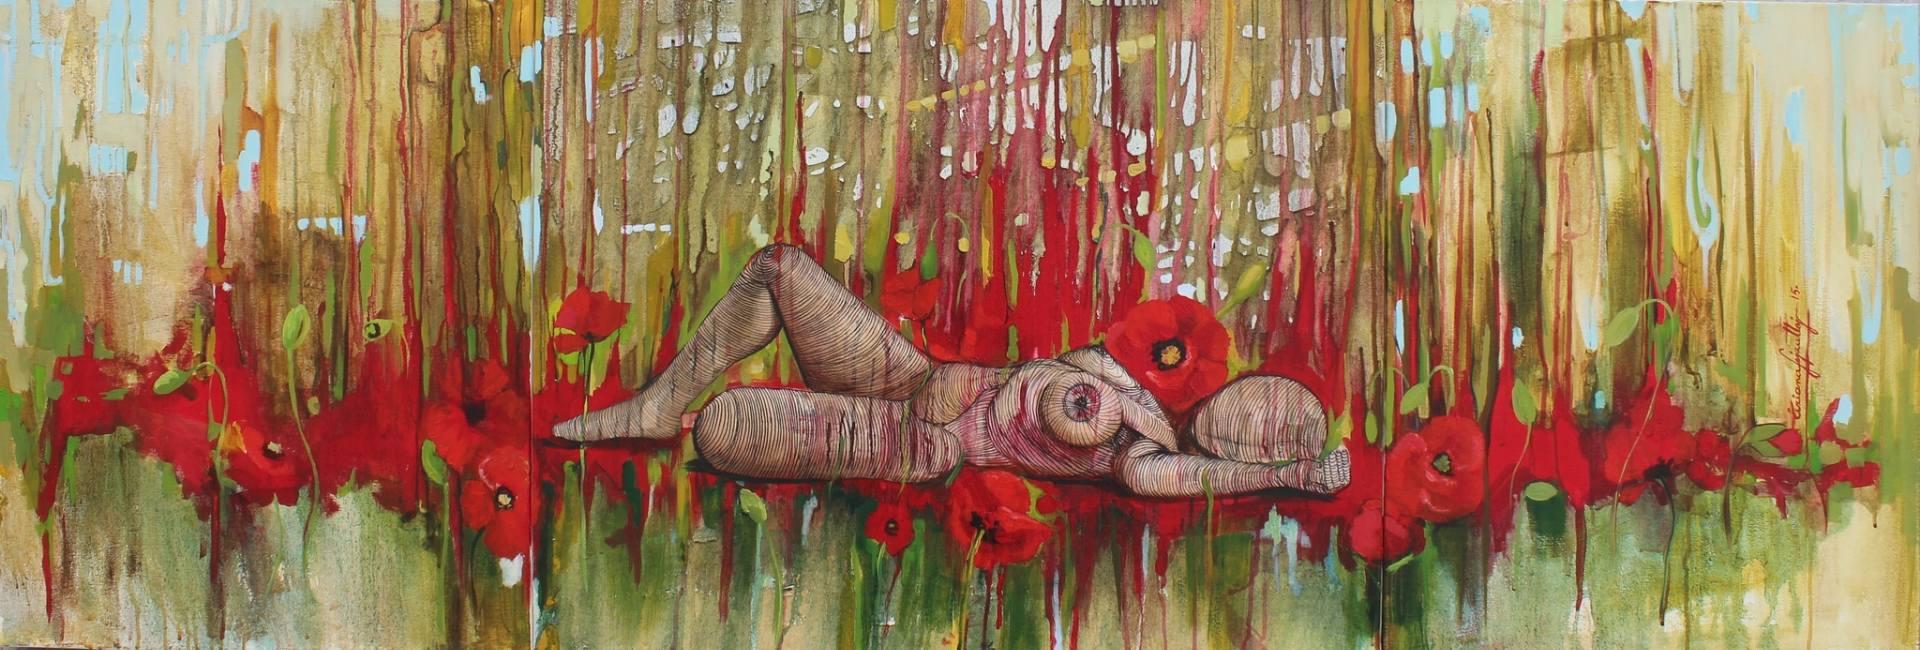 Një piktore shqiptare ekspozon në Nju Jork